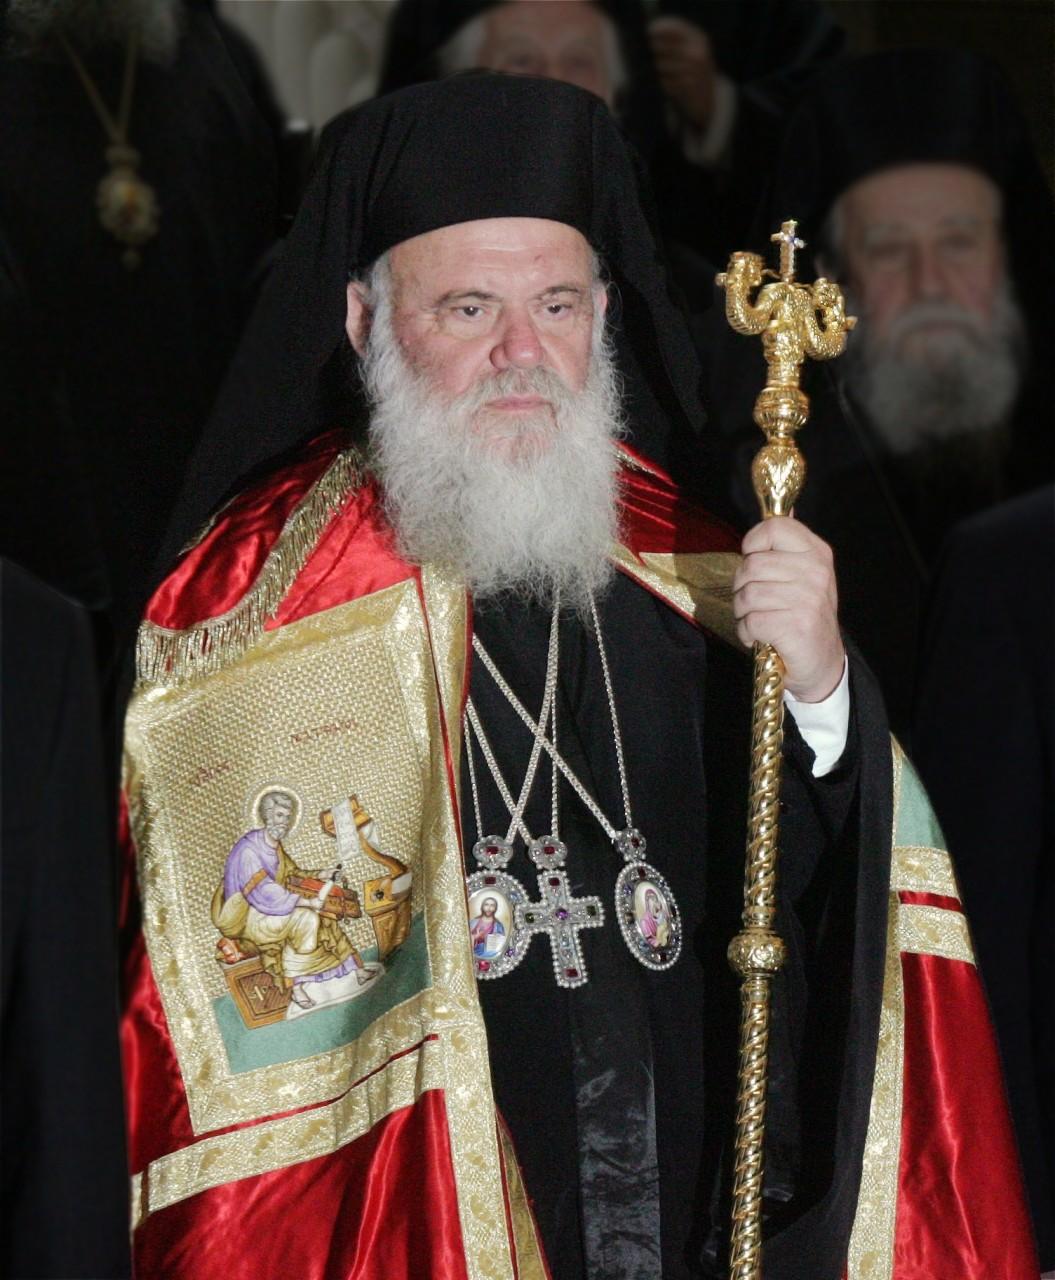 Предстоятель Элладской церкви отказал во встрече Патриарху Варфоломею